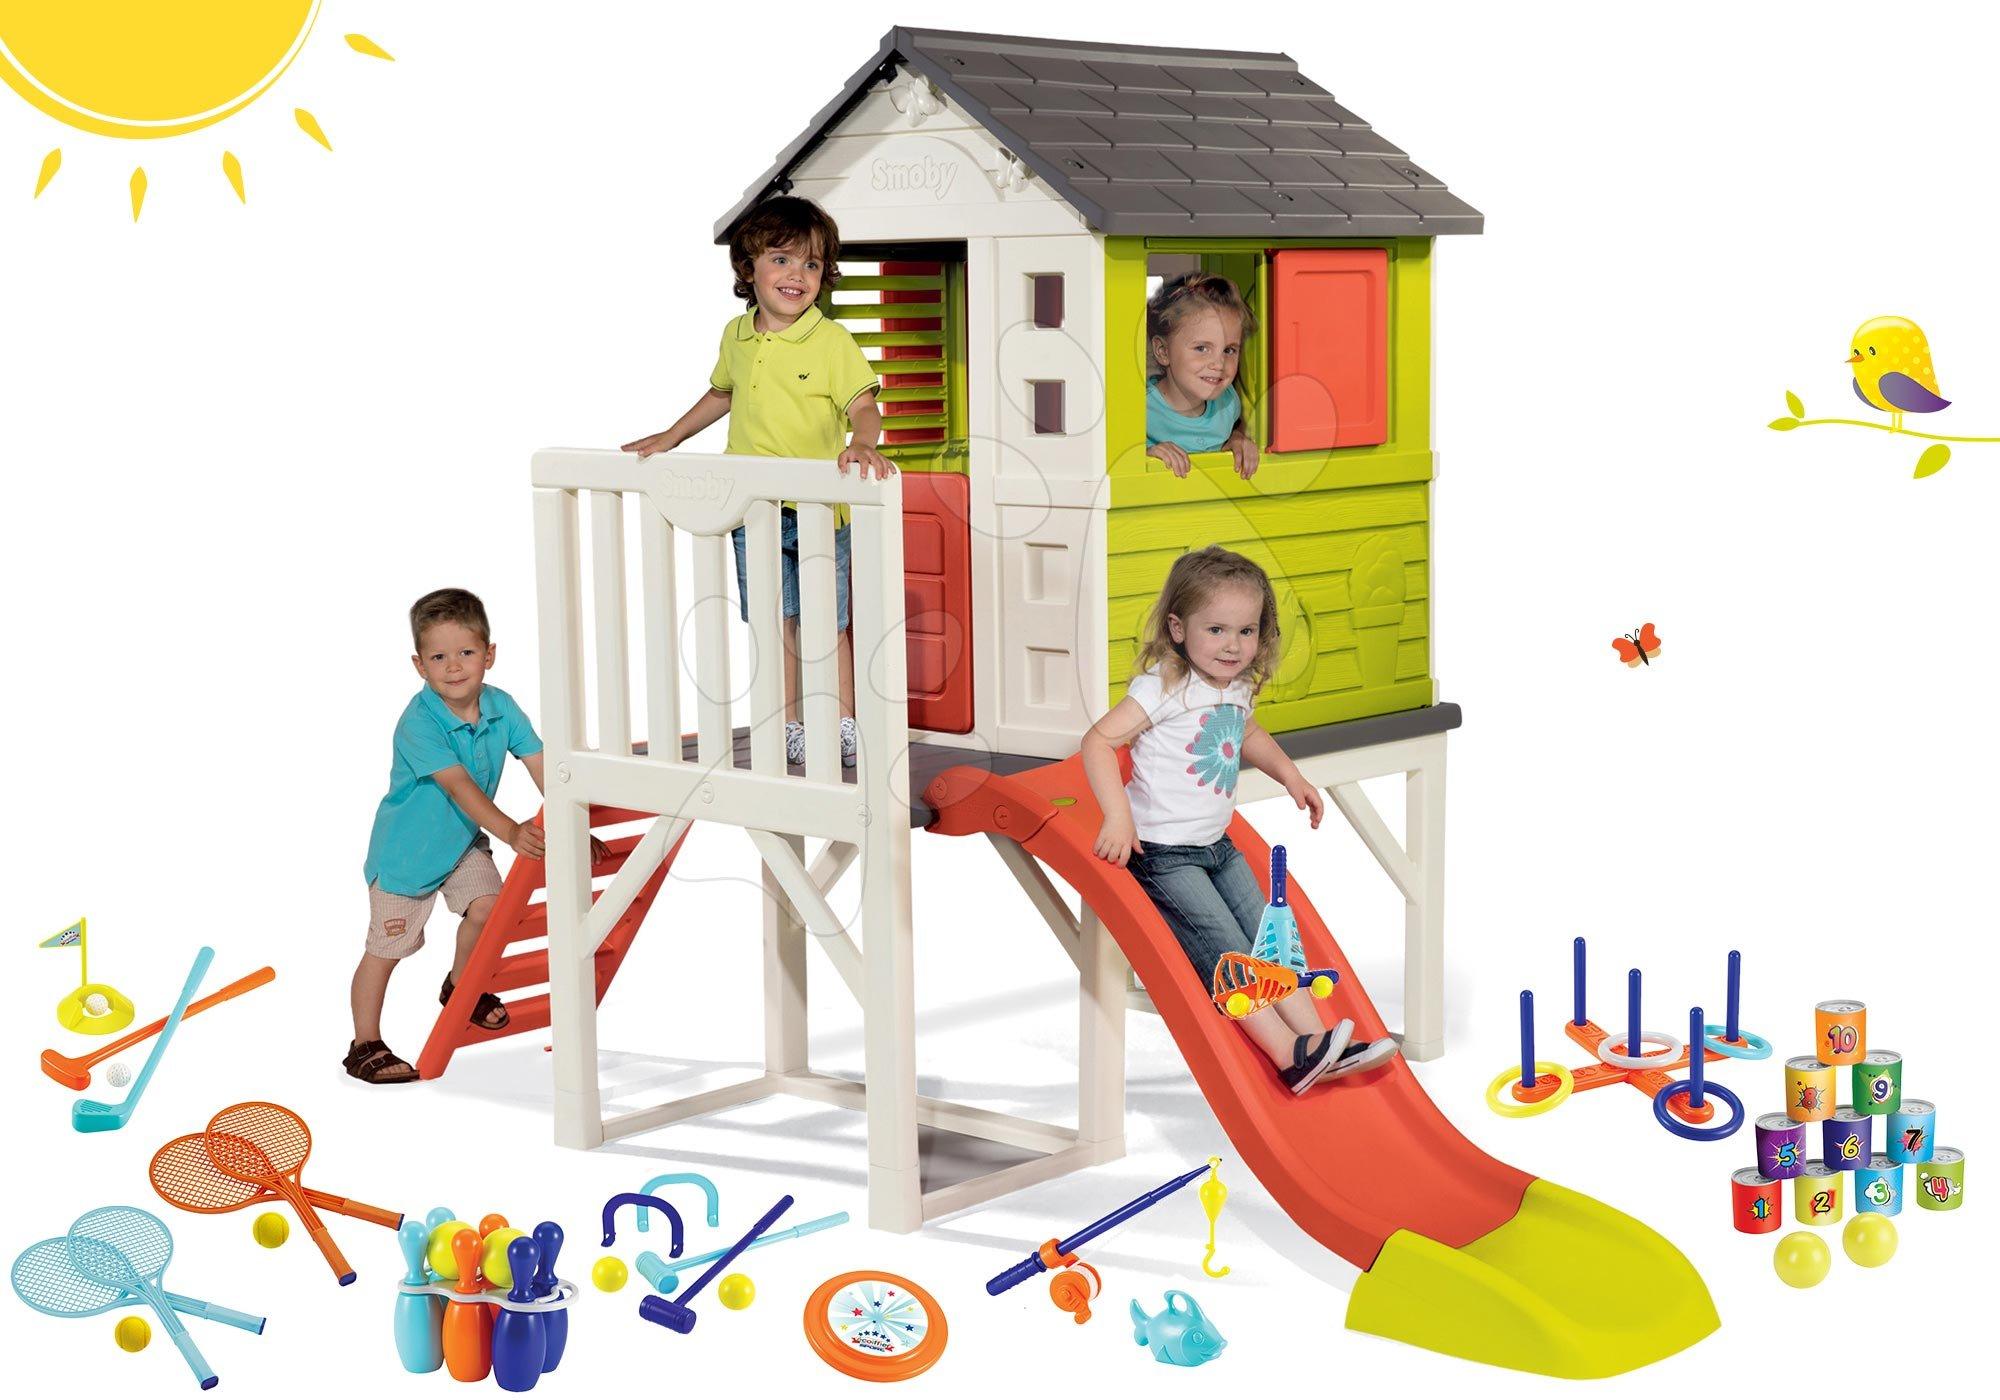 Smoby set detský domček na pilieroch Pilings House s 1,5 m šmykľavkou a športový set s plechovkovou pyramídou a kolky 810800-16